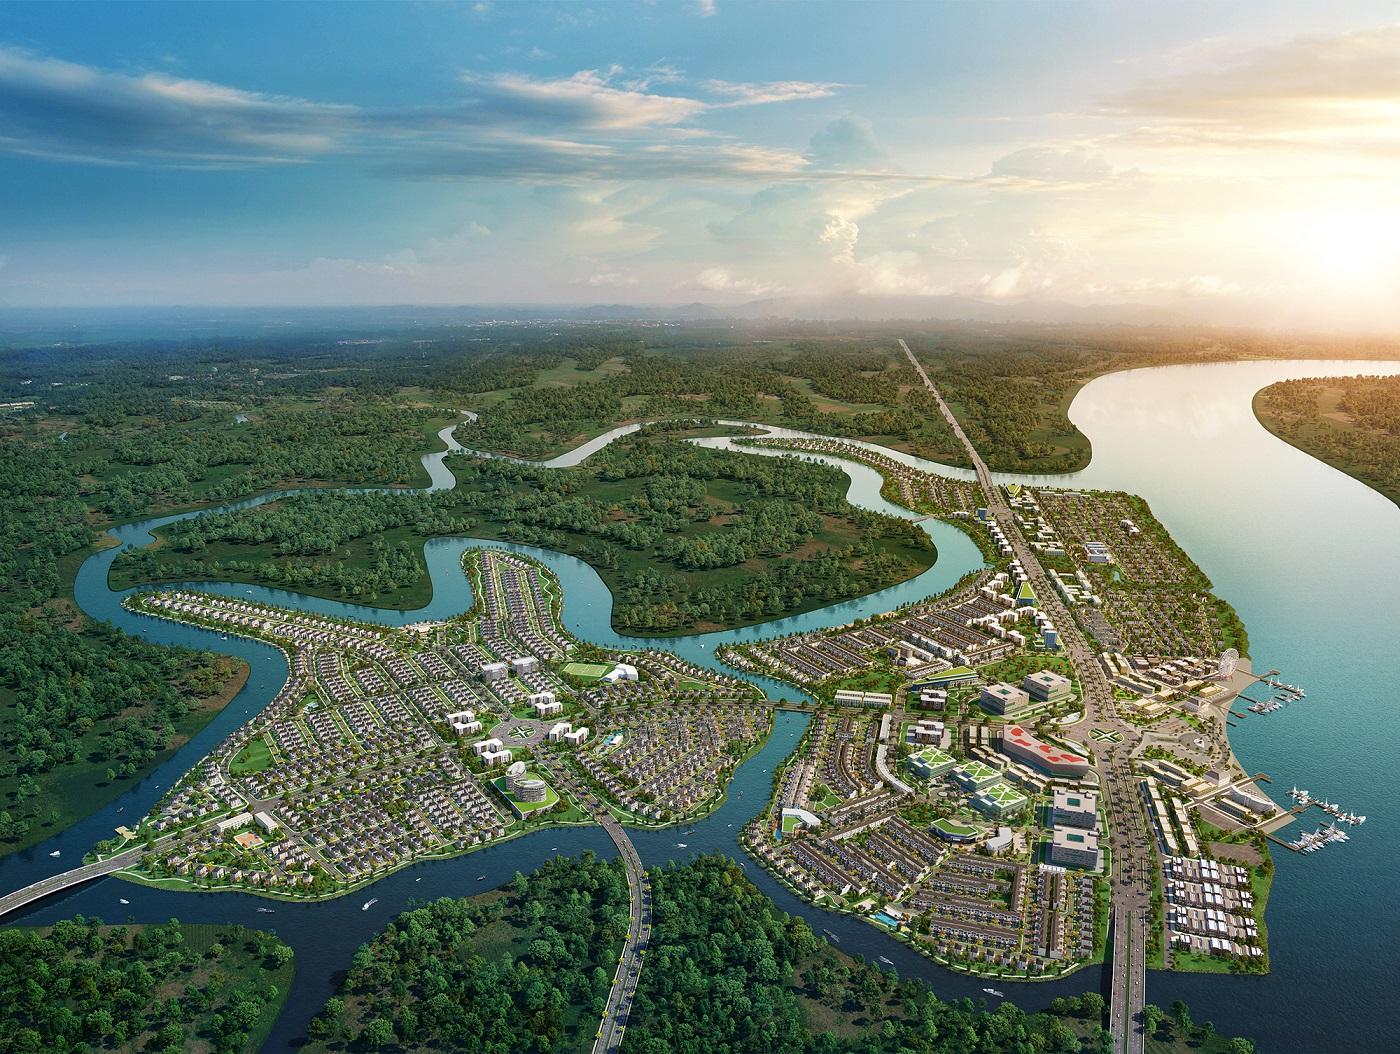 Khu đô thị sinh thái thông minh Aqua City sở hữu những lợi thế toàn diện cả về kiến trúc lẫn không gian xanh